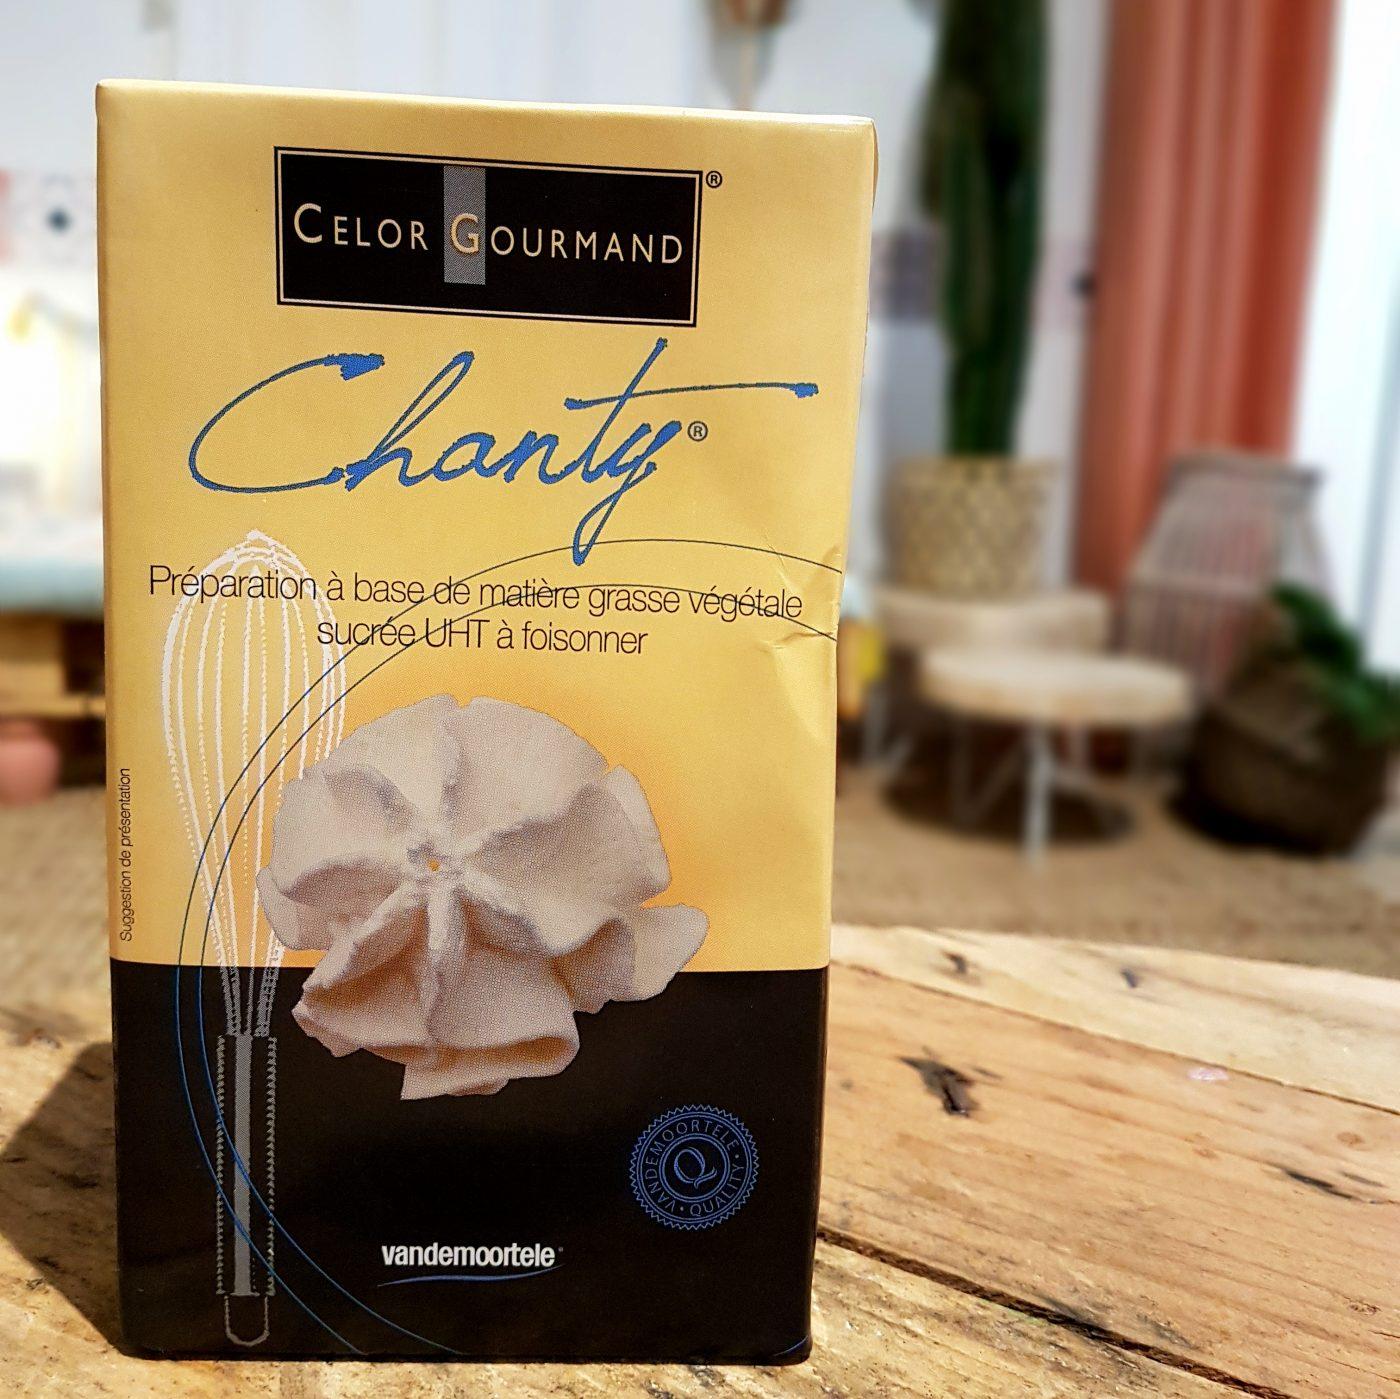 J'ai testé pour vous la crème Chanty (pour la préparation de chantilly)